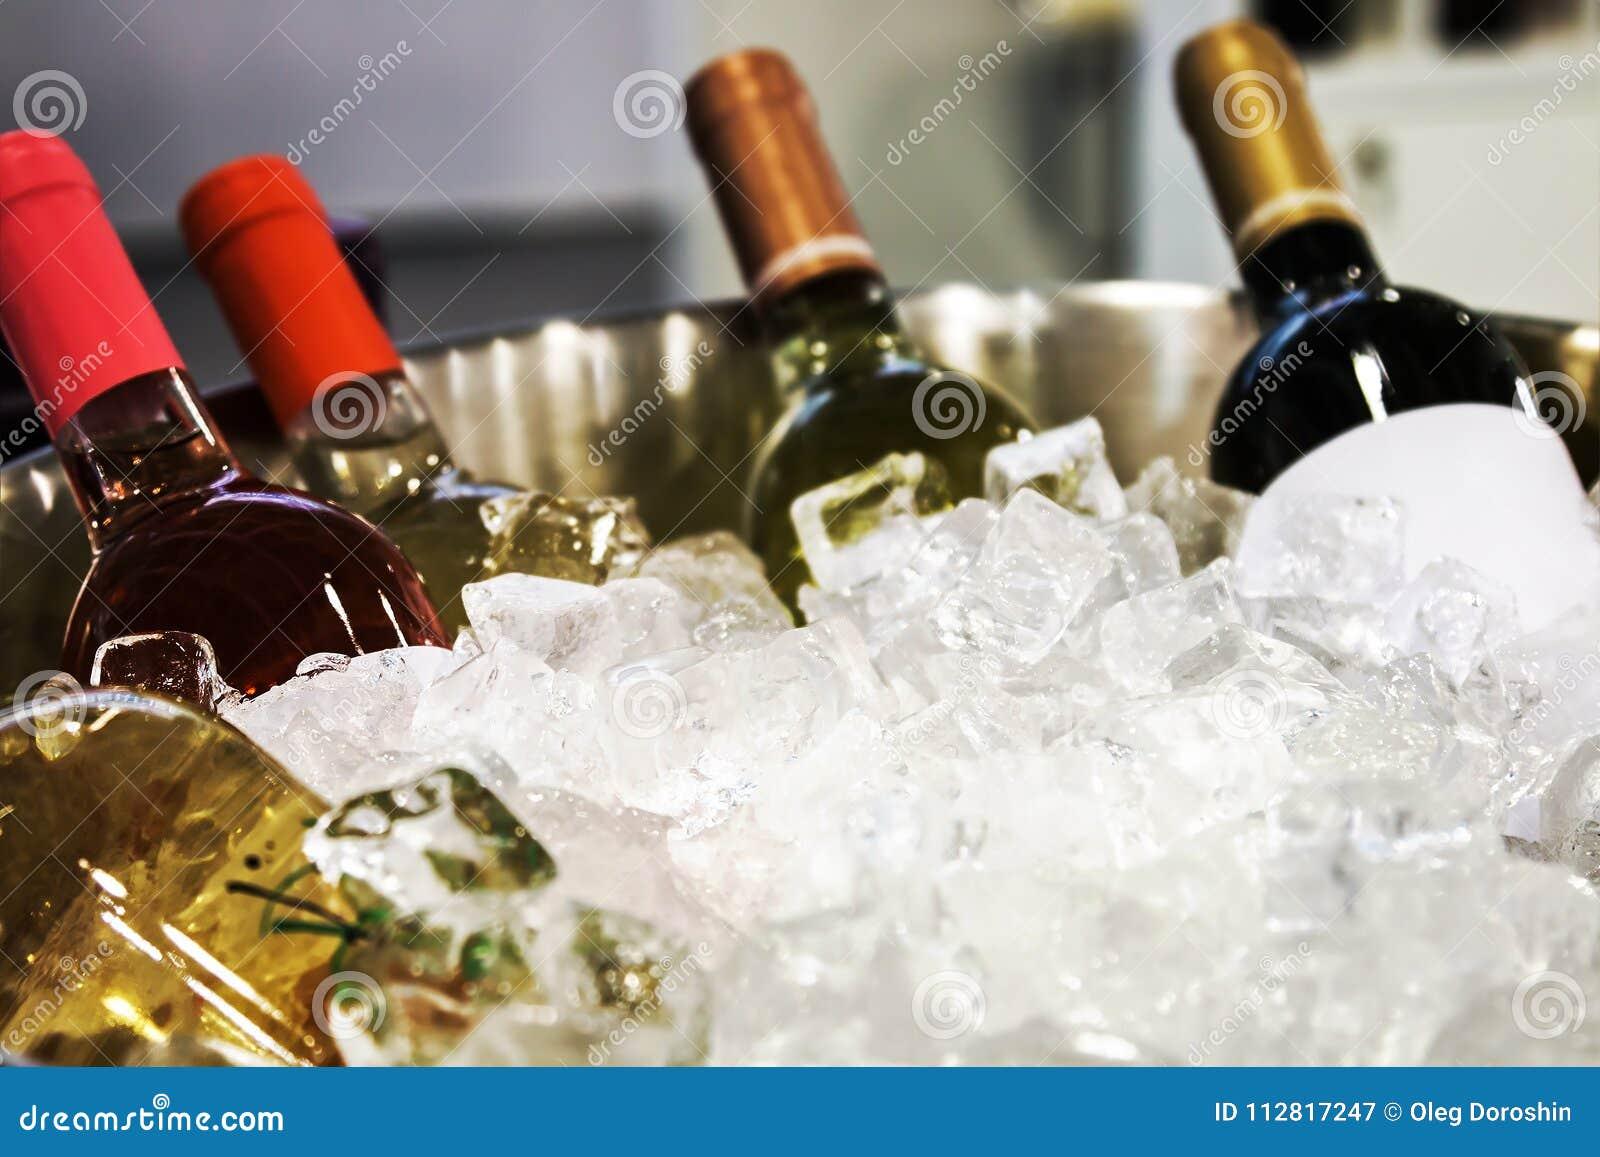 Бутылки вина в льде на дегустации